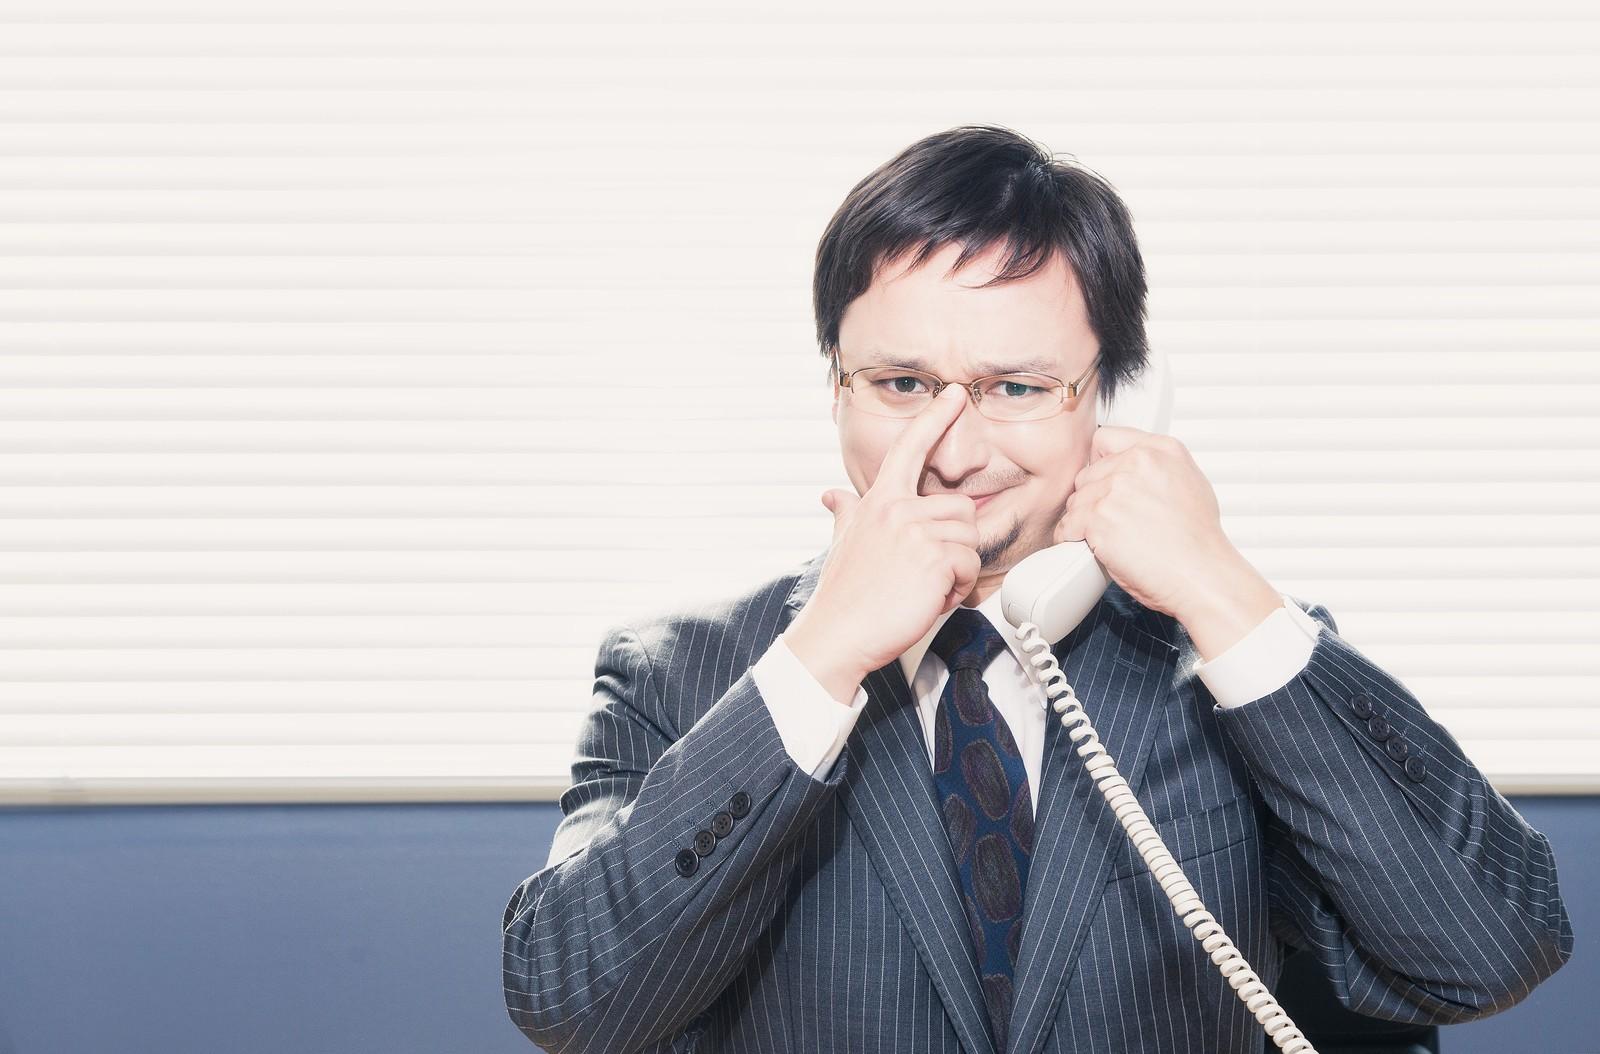 電話対応で使えるビジネス英語ータイトルが思いつきません